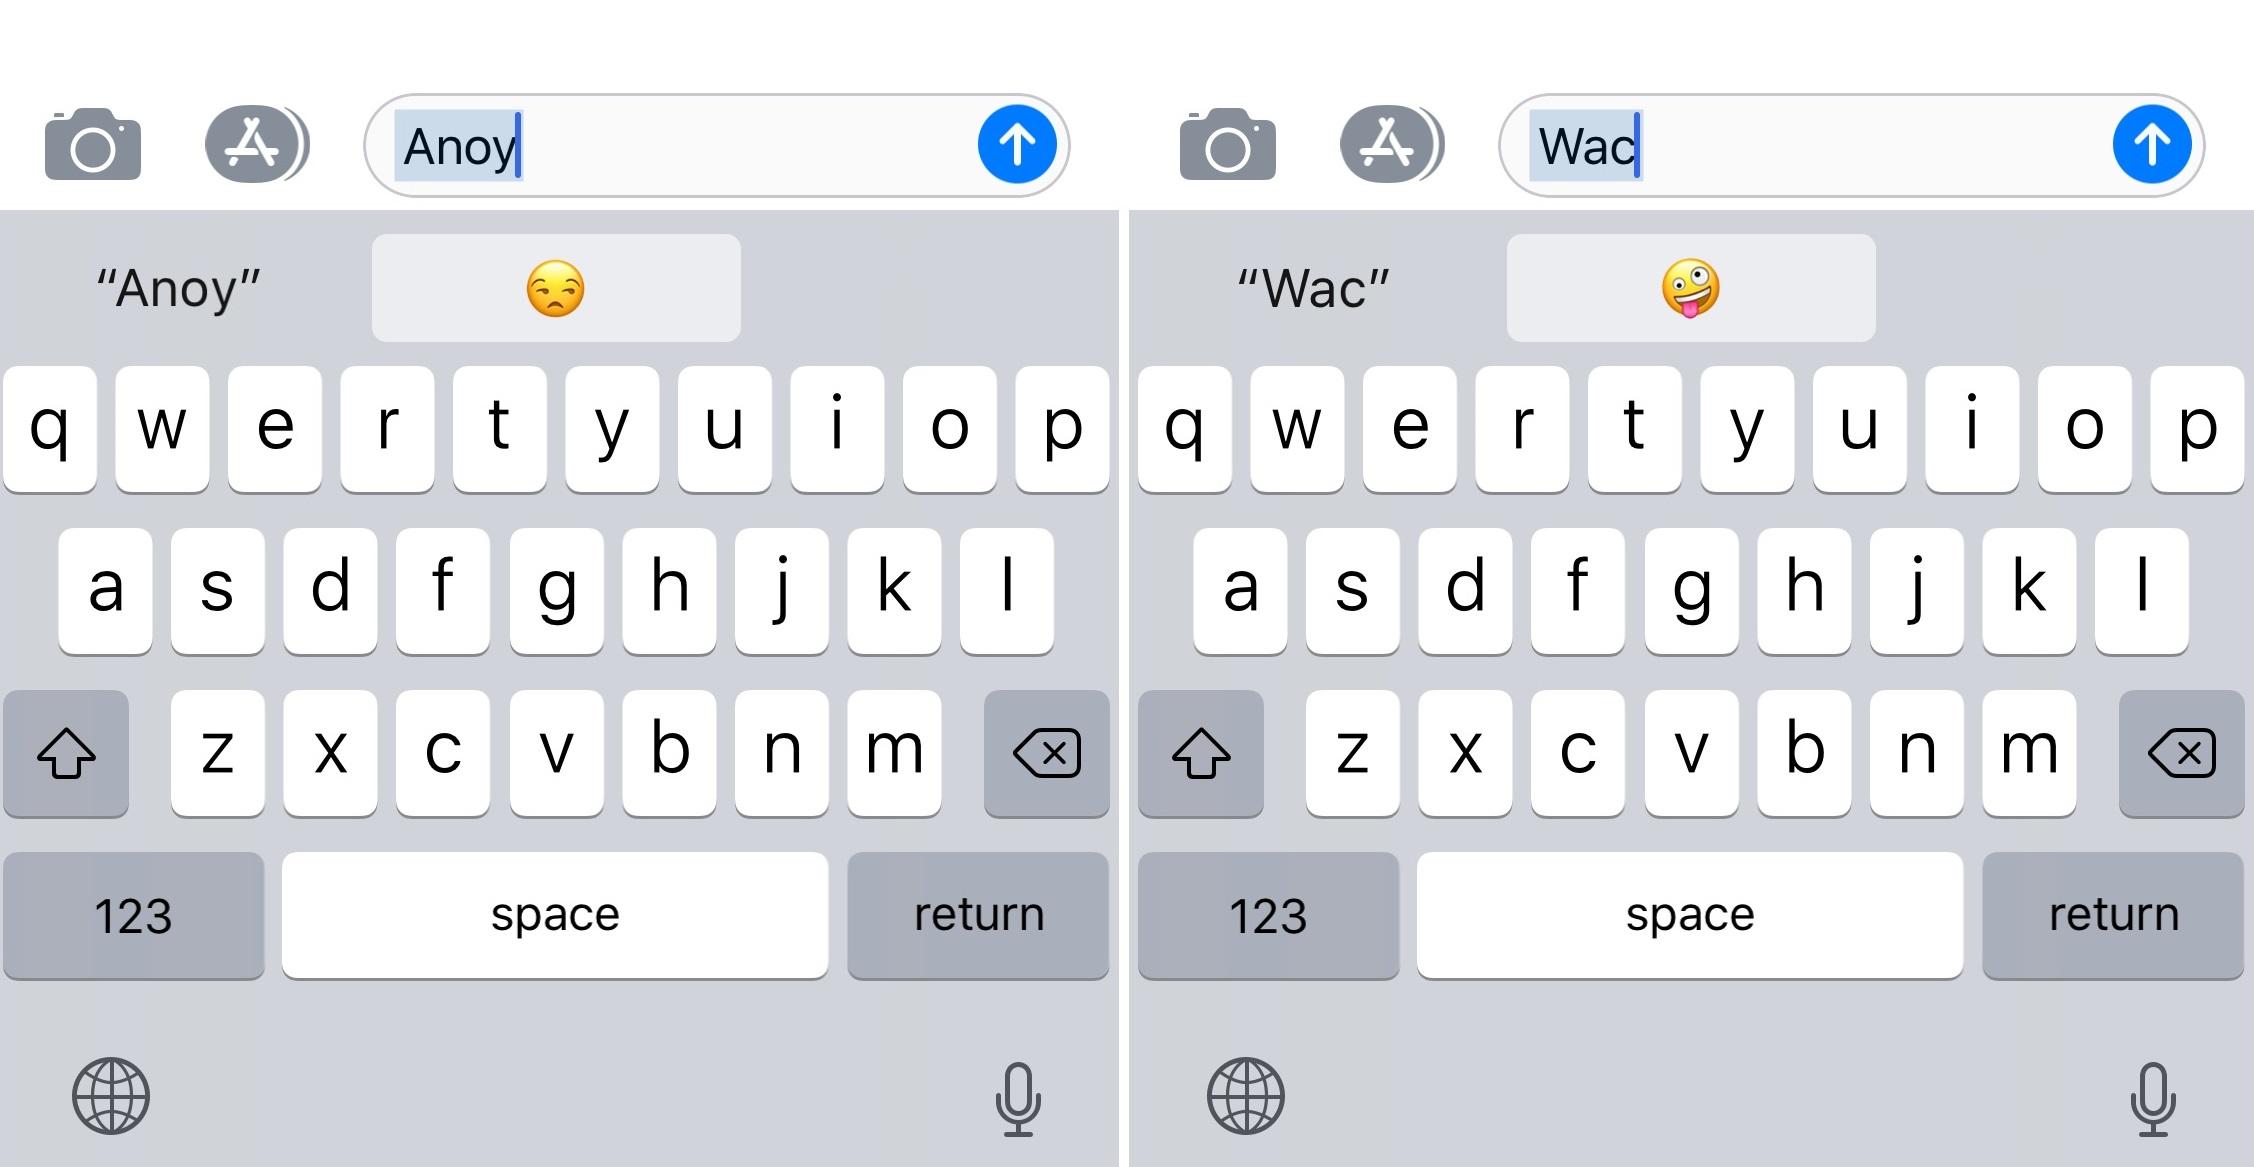 Emoji shortcuts